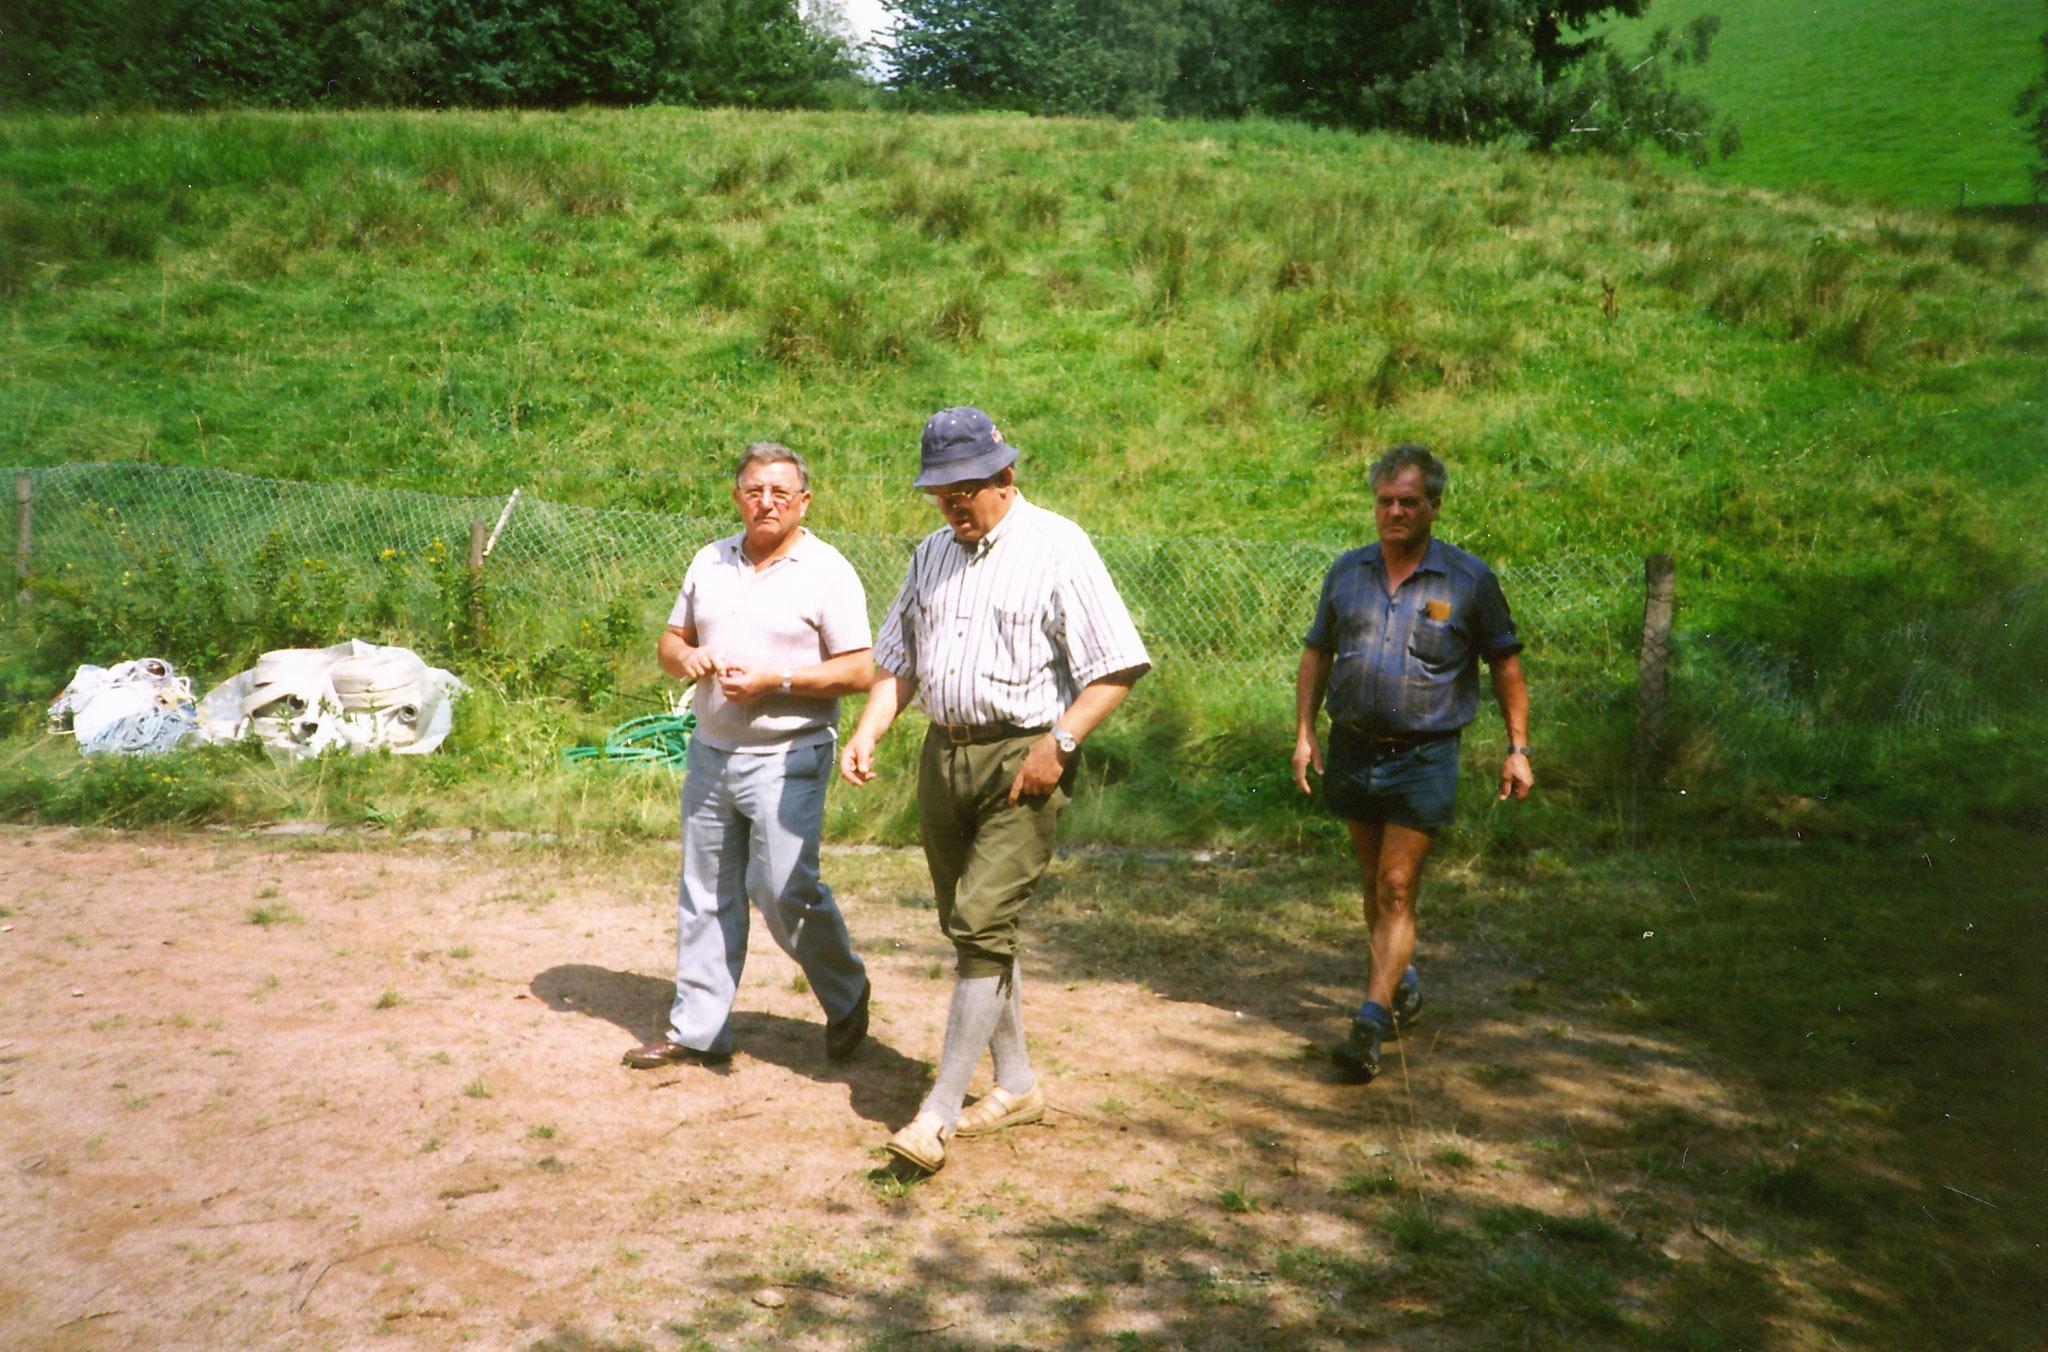 vorbereitungen Bolzplatzfest mit Herrn Schmidt, Herrn Billharz, Herrn Neumann